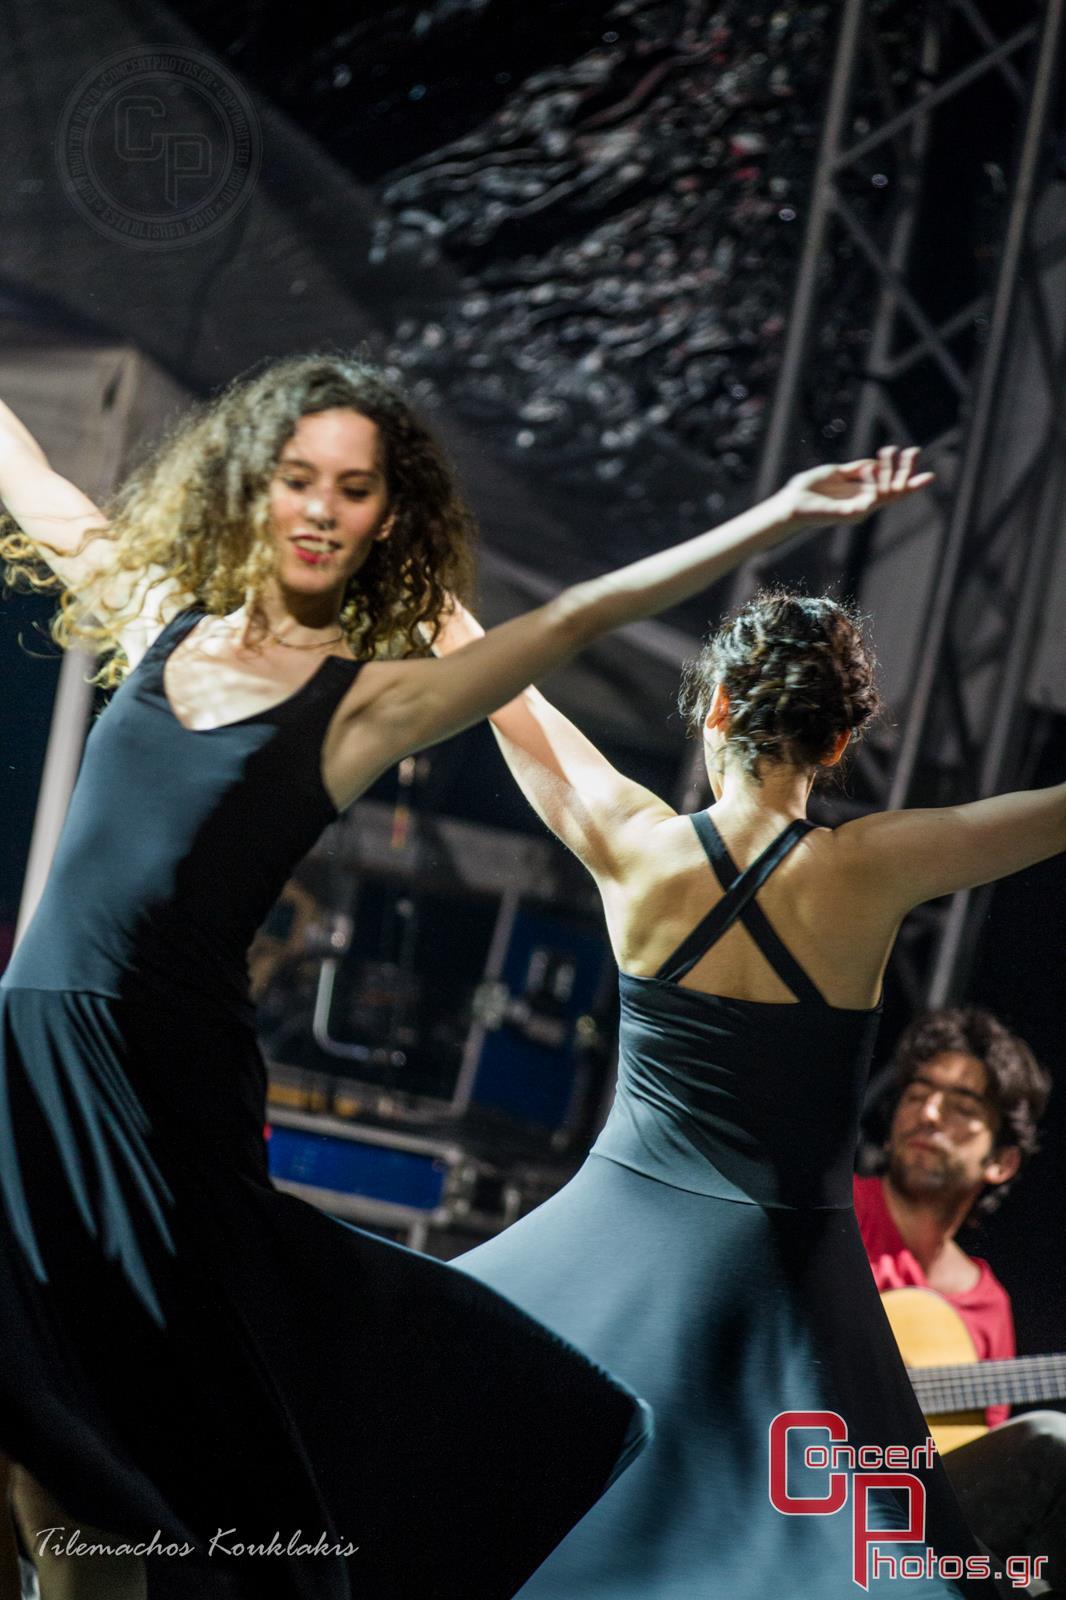 Μία συναυλία για τη Σχεδία 2014-Sxedia 2014 photographer:  - concertphotos_20140530_20_13_30-2